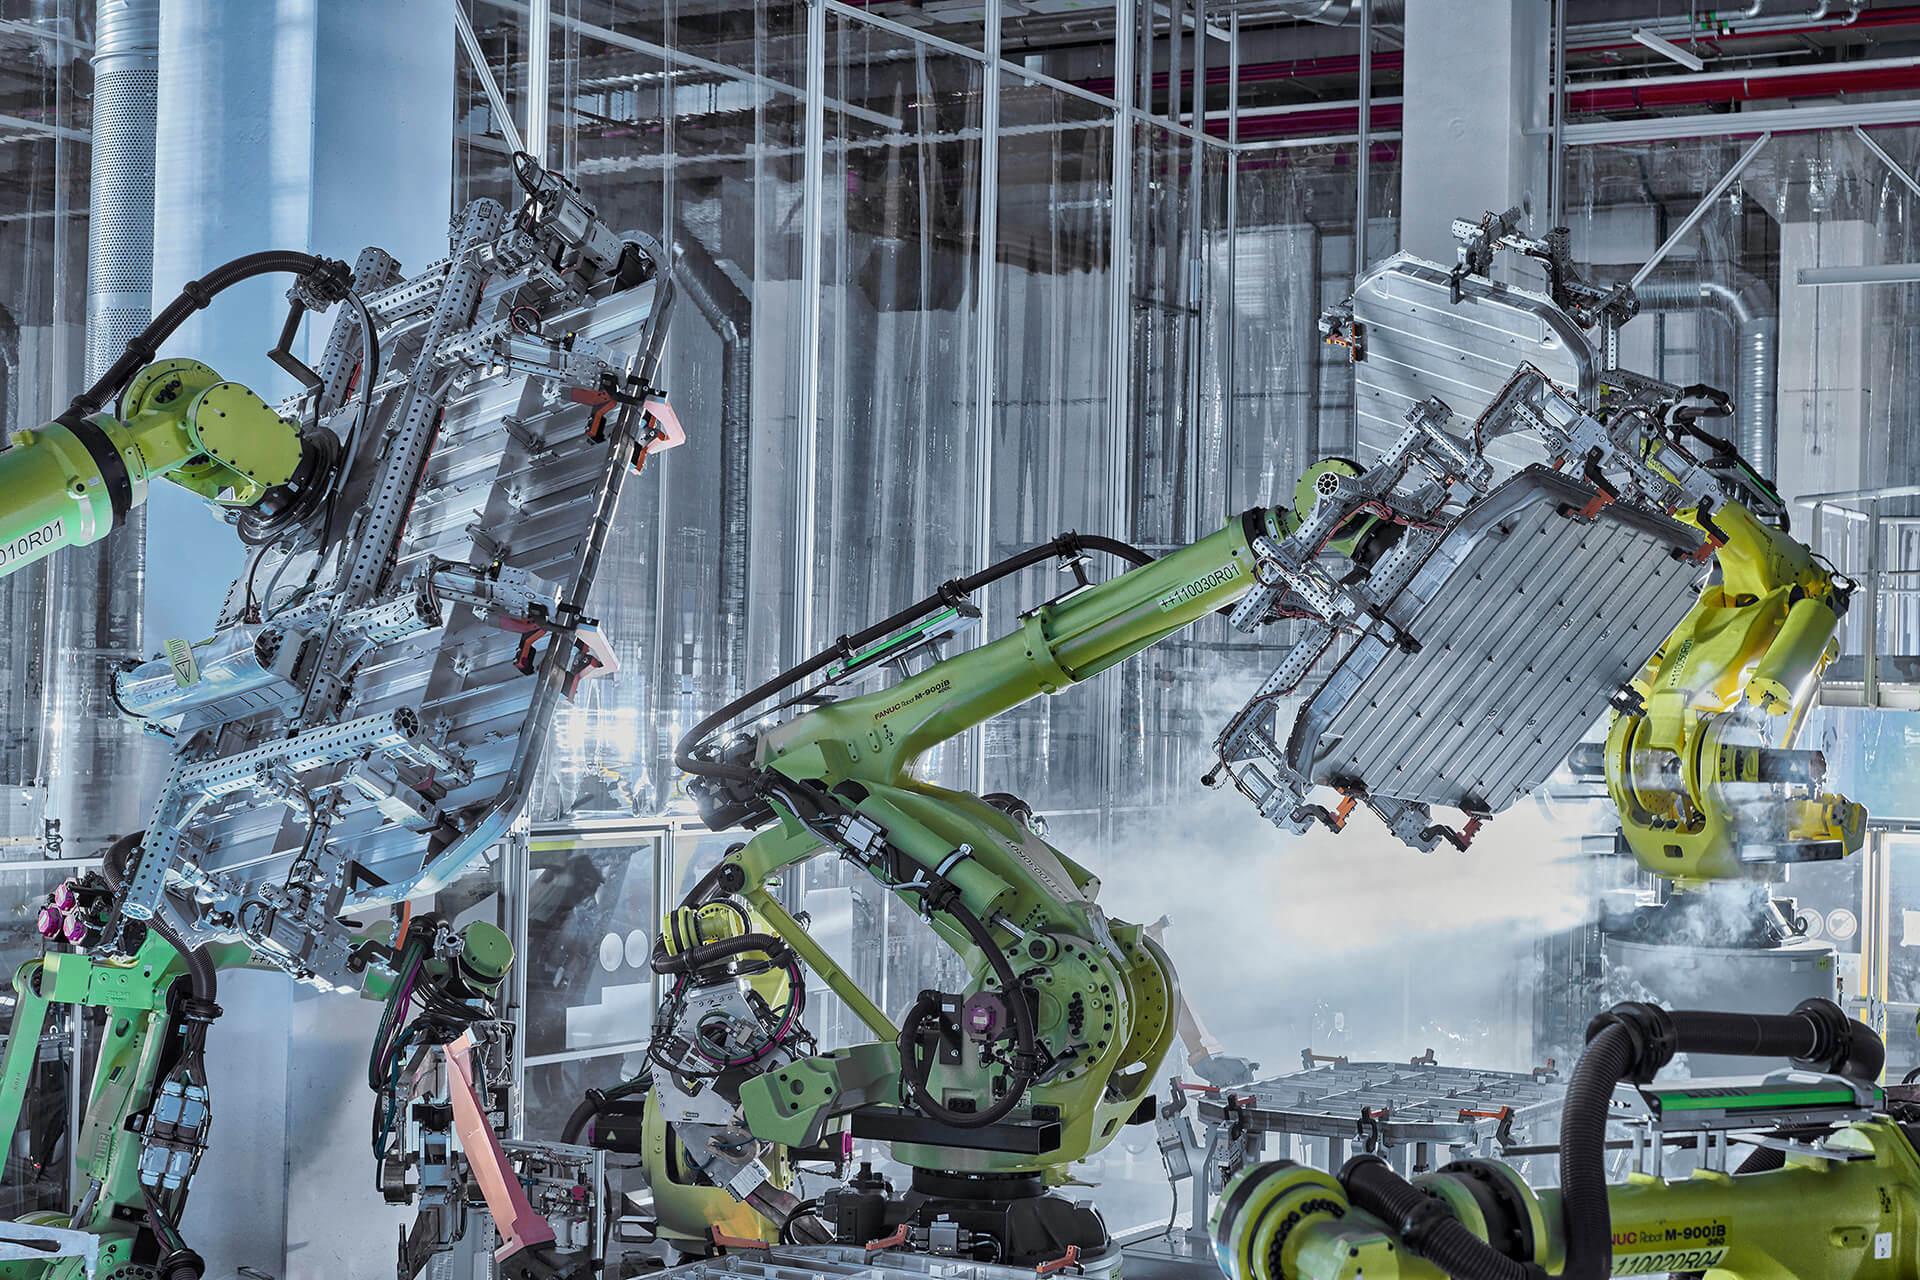 Η Audi επενδύει στην ηλεκτροκίνηση - Brussels Plant